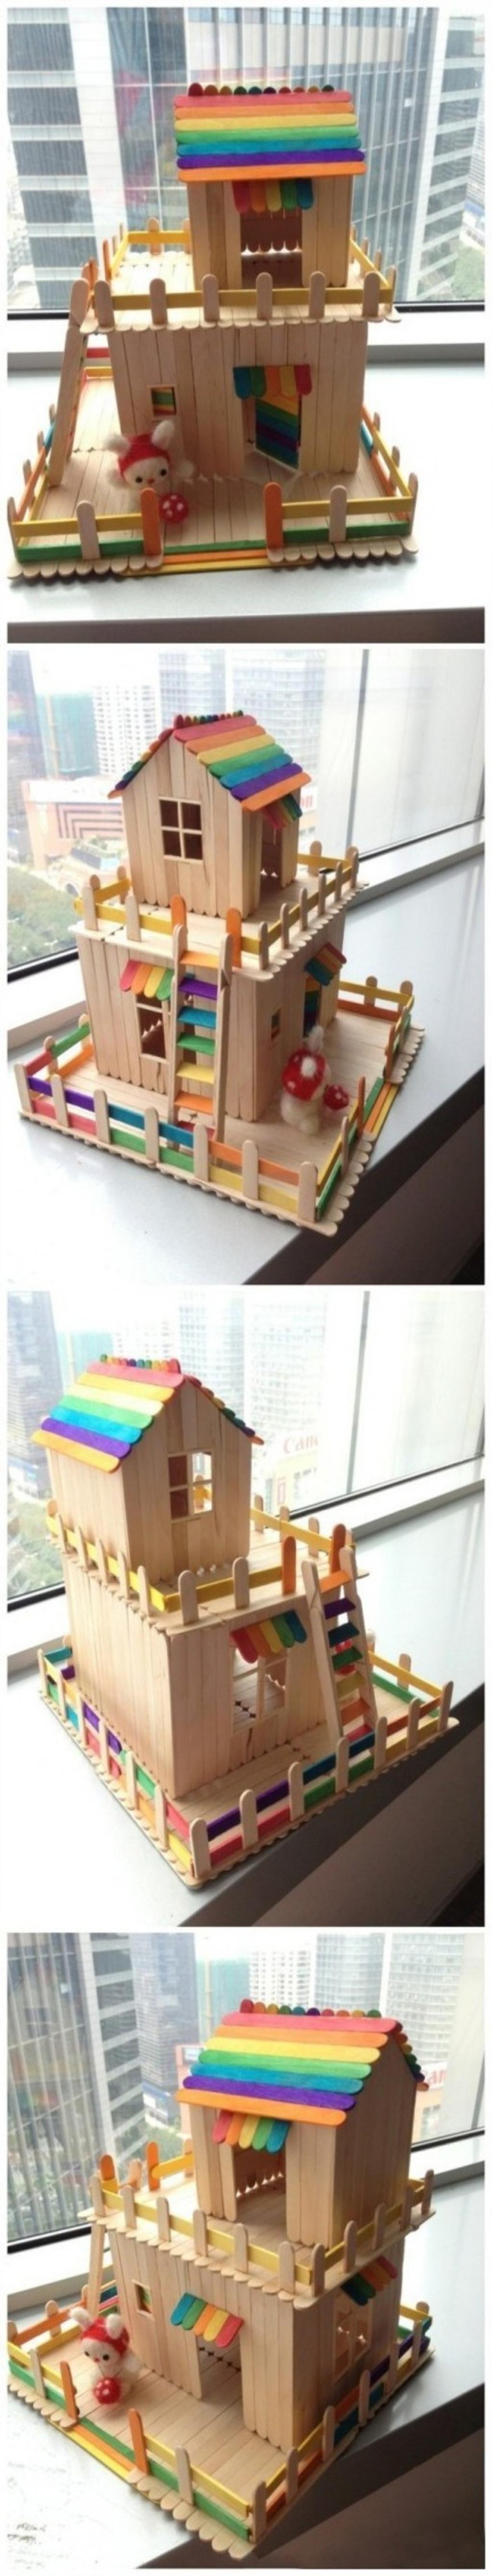 10 Adorables Bricolages Faire Avec Des B Tons Popsicles Pour Amuser Les Enfants Bricolage